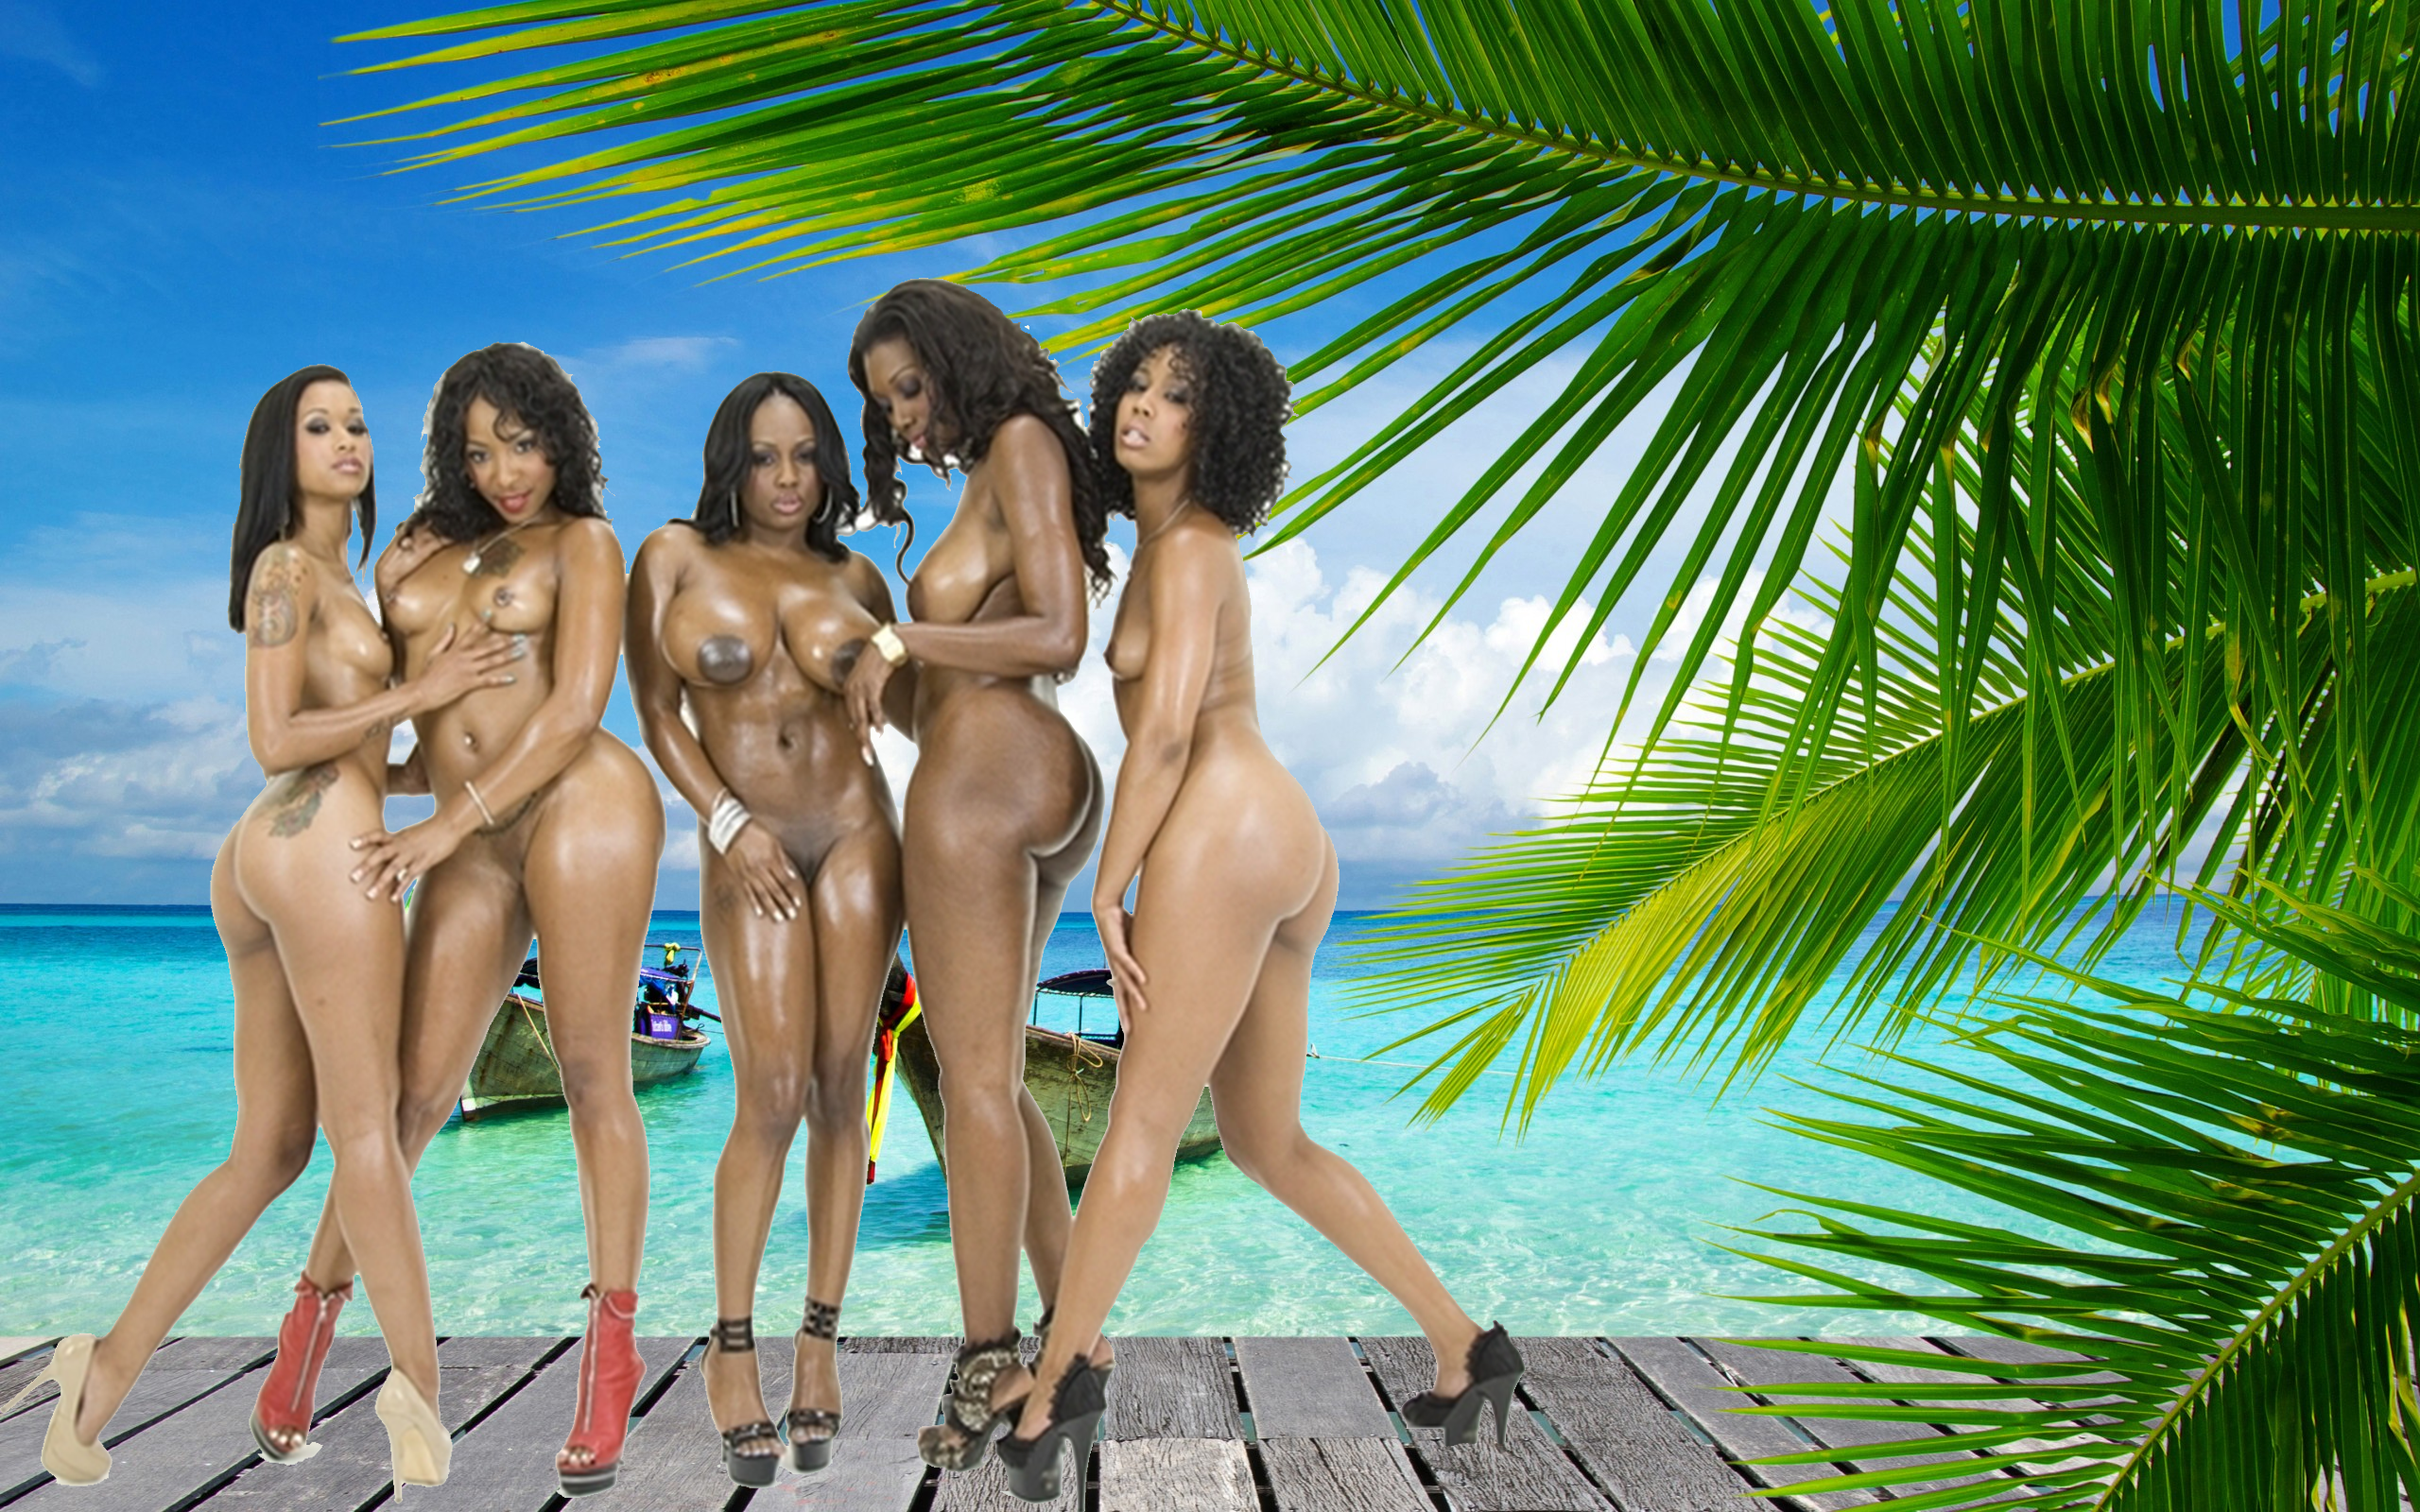 Wet Ebony Tits